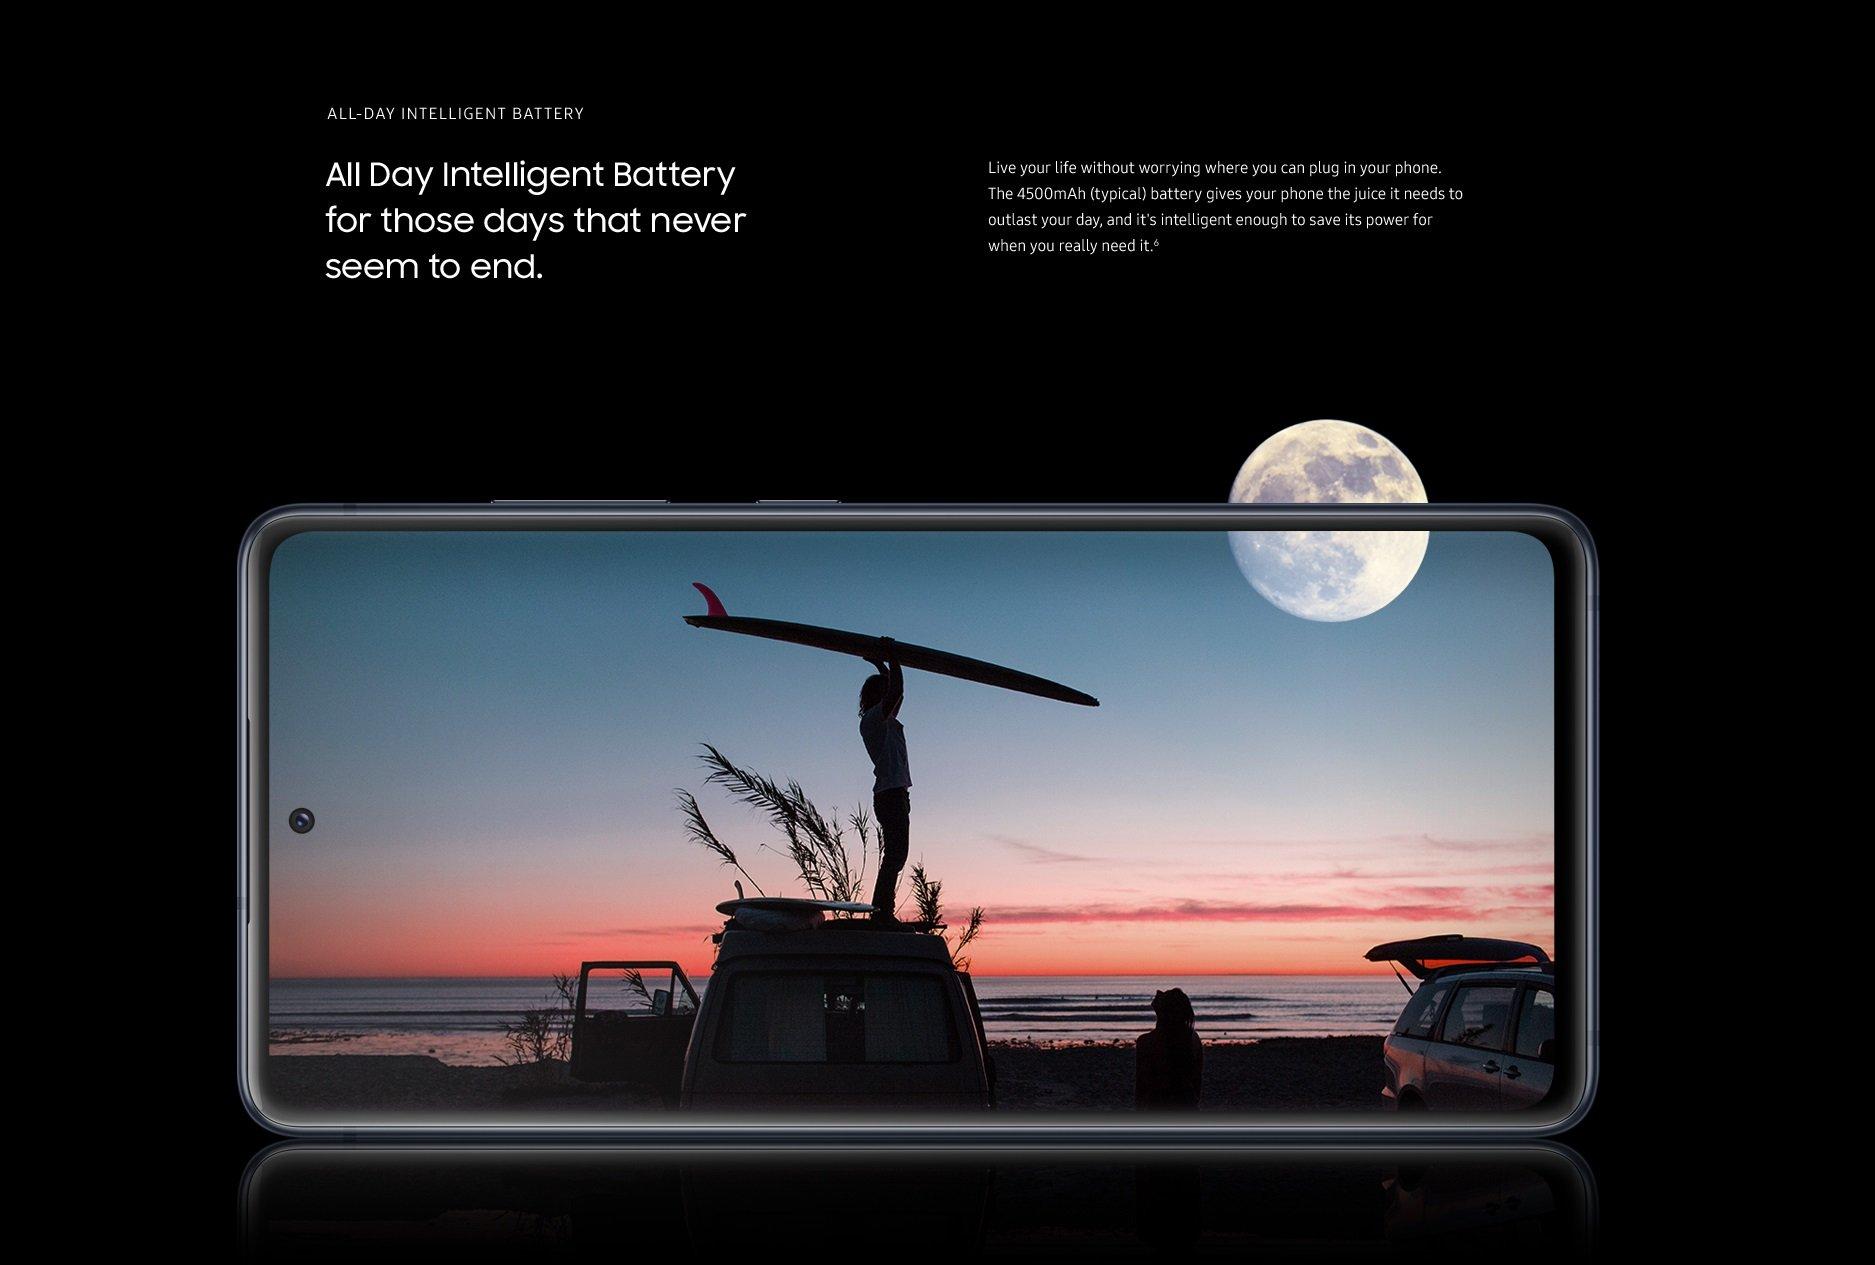 Samsung S20 FE lộ video trên tay: Màn hình 120Hz, Snapdragon 865, giá rẻ hơn - Ảnh 2.